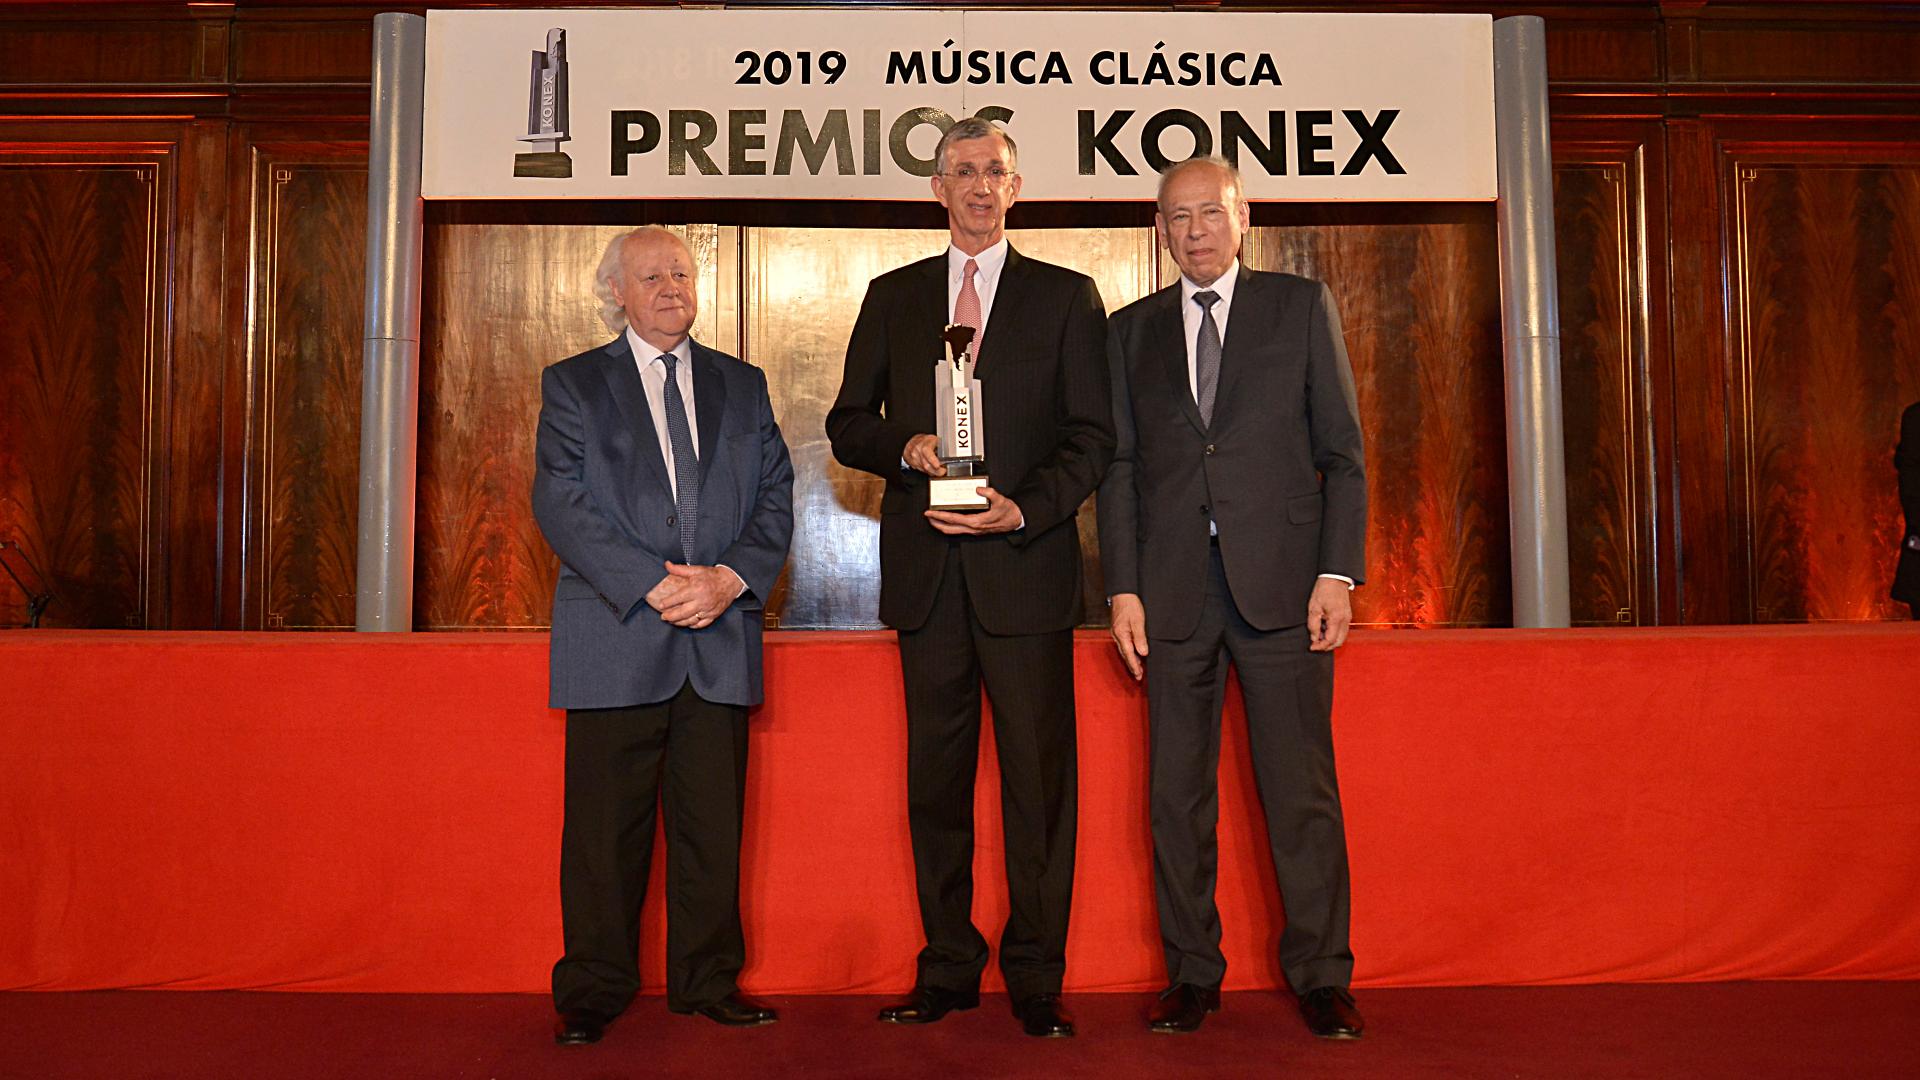 En la categoría Konex Mercosur fue reconocido el brasilero Nelson Freire que no pudo estar presente y en su lugar recibió la estatuilla el embajador de Brasil, Sergio Danese